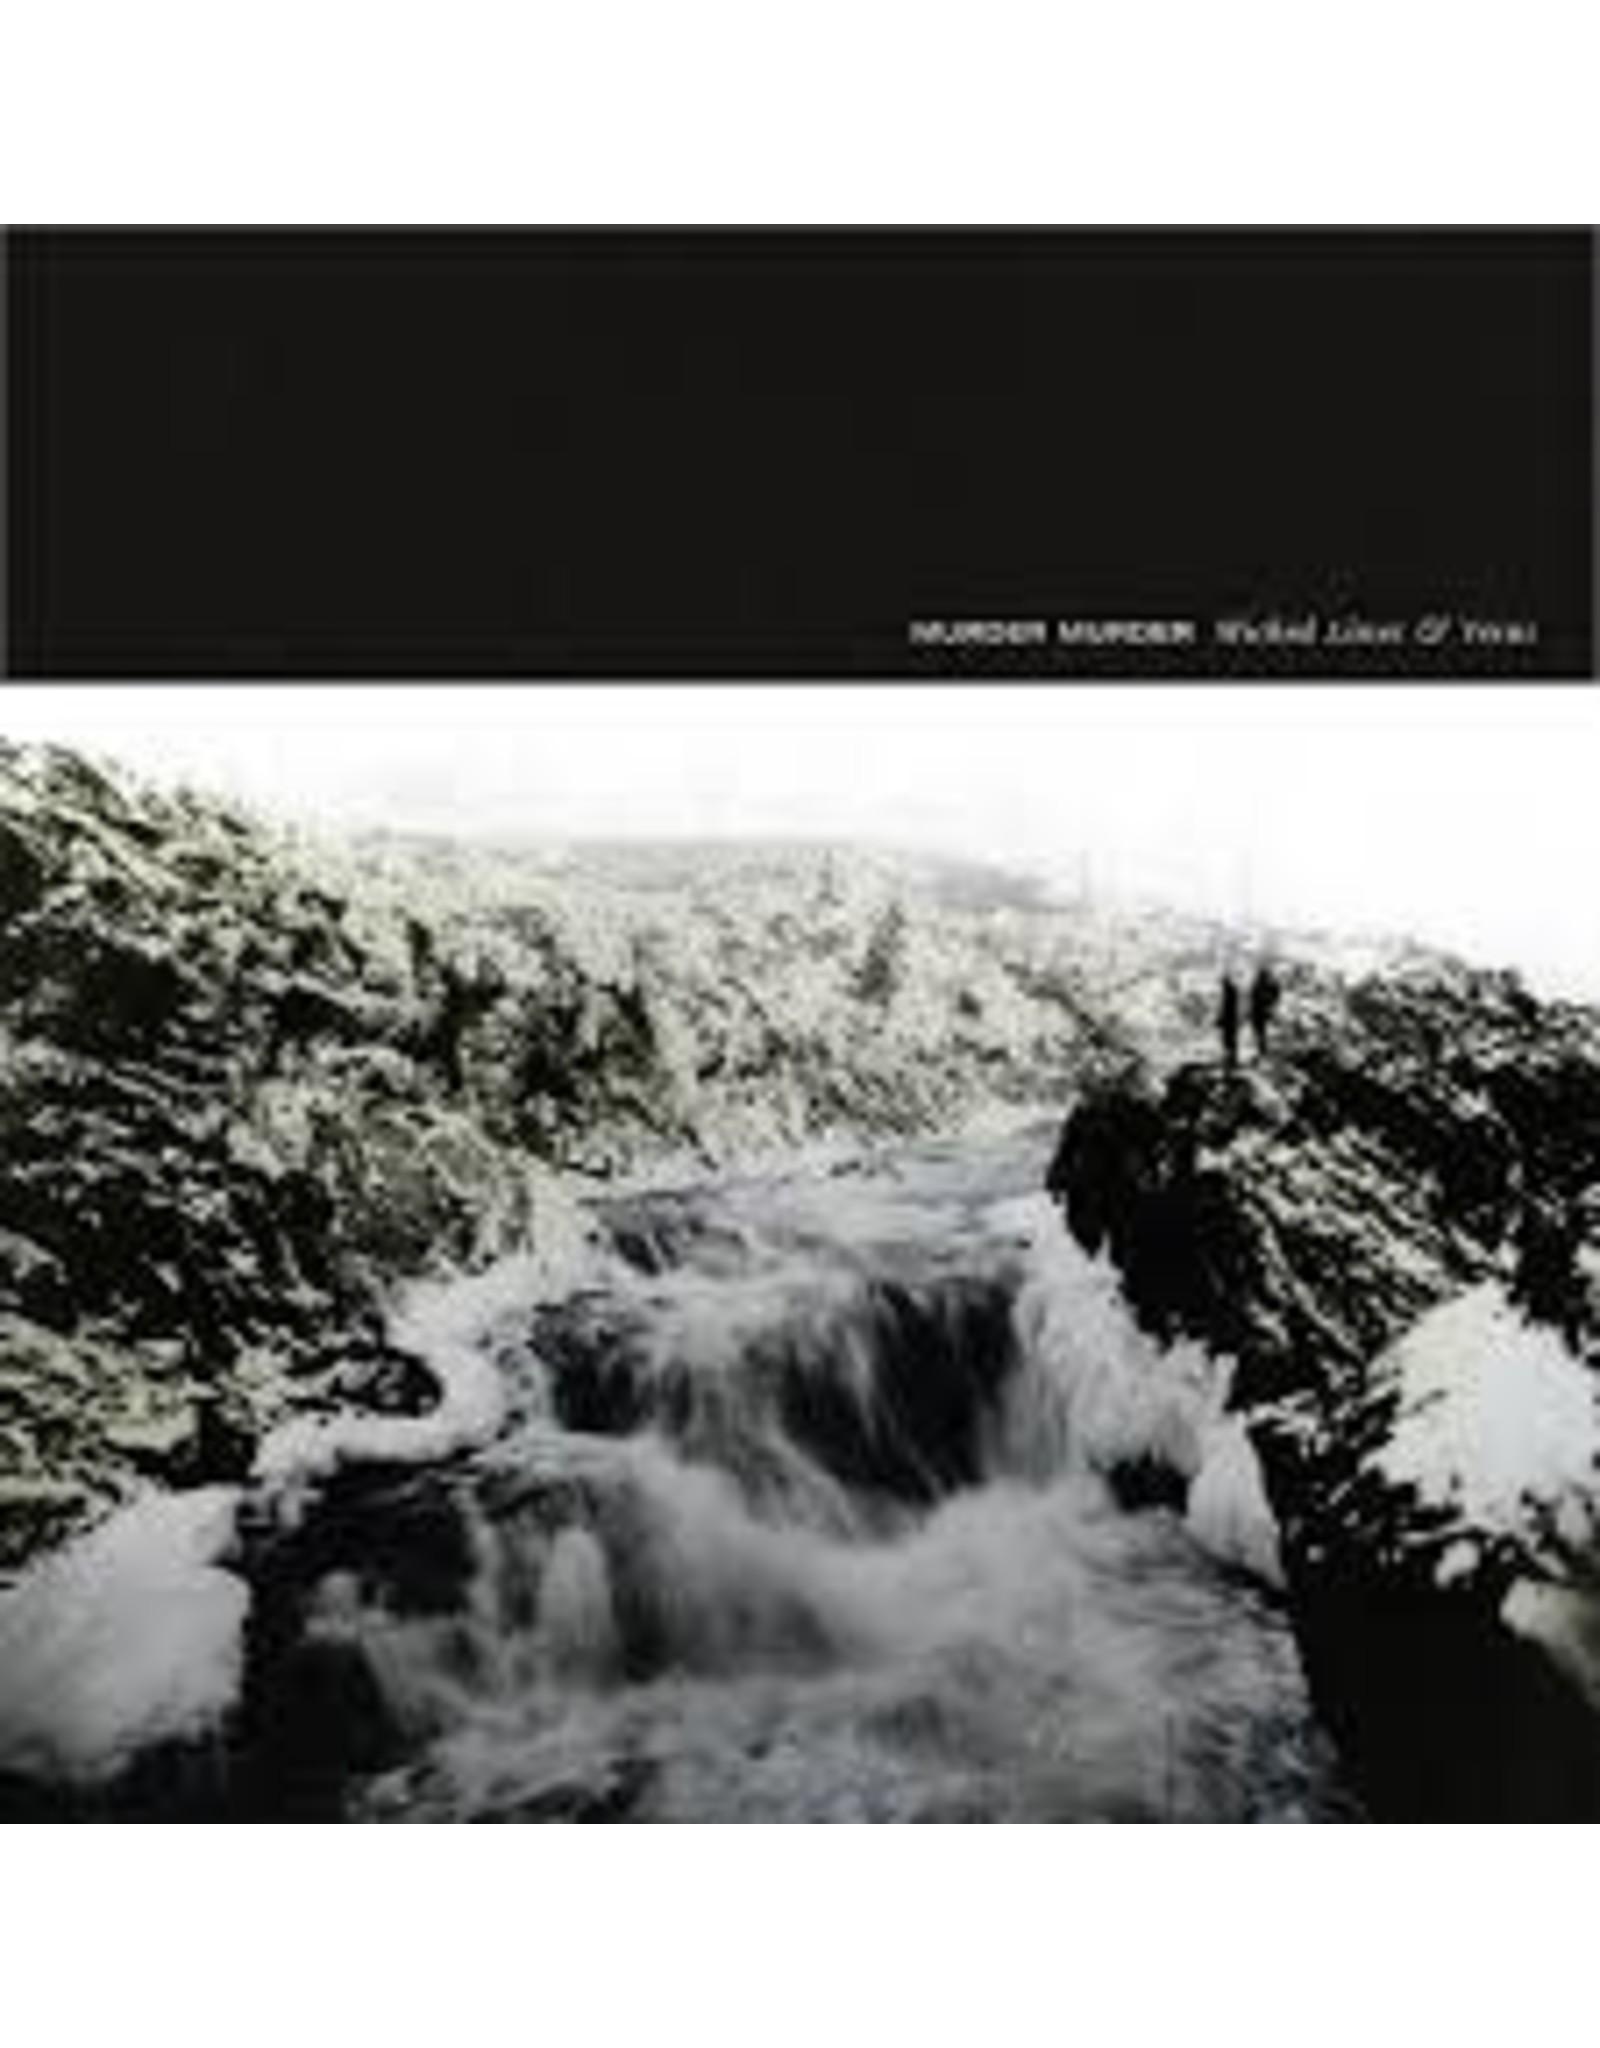 Murder Murder - Wicked Lines & Veins LP